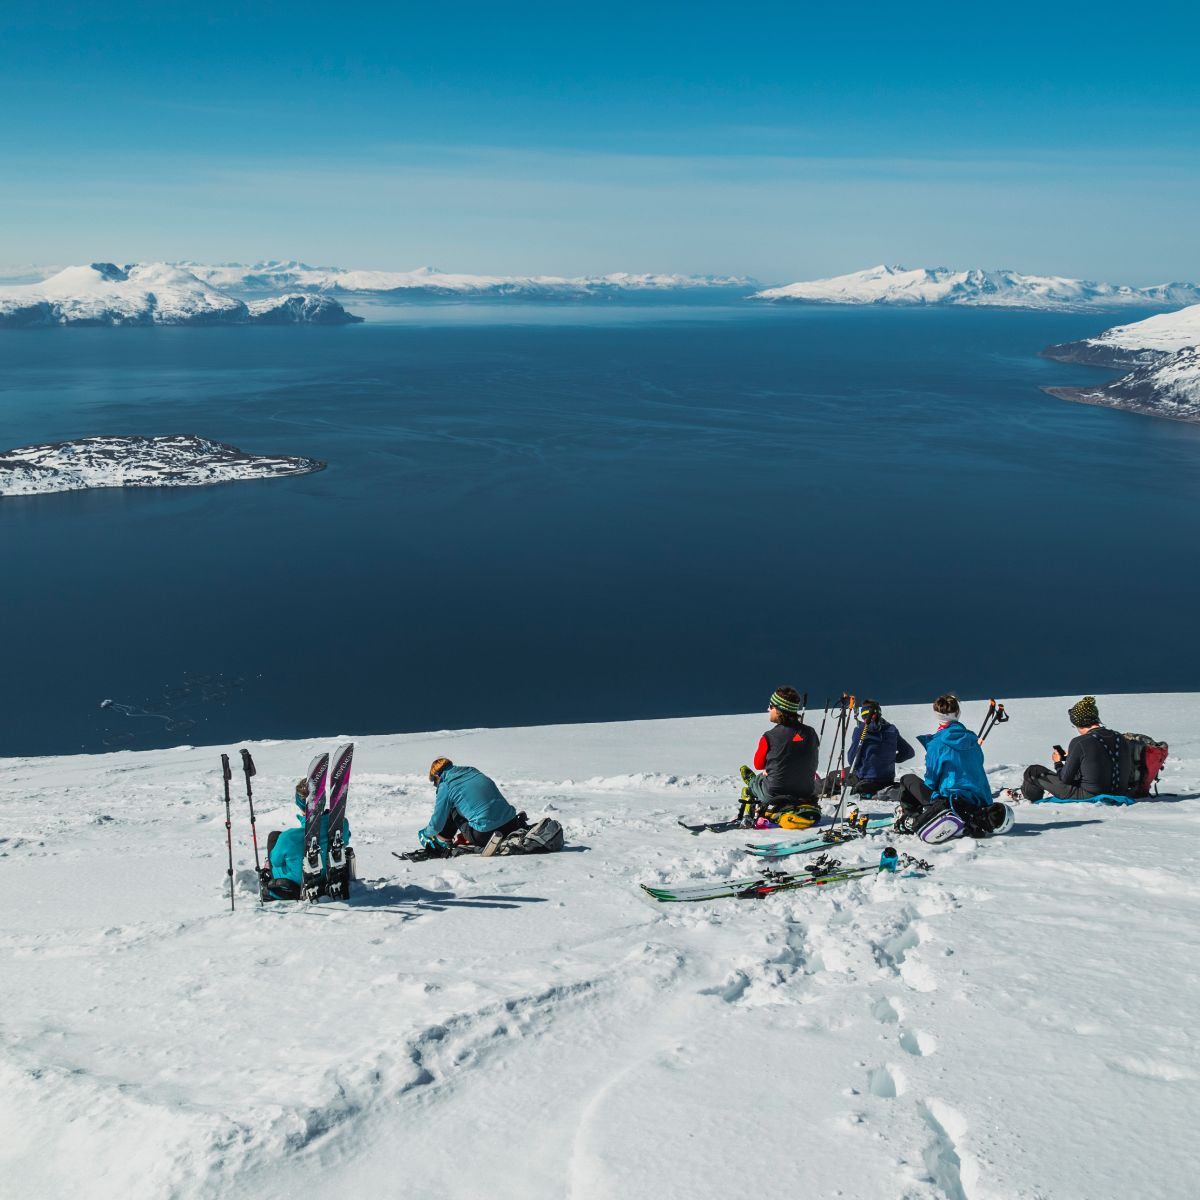 pause-bei-der-gefuehrten-skitouren-woche-vom-boot-in-norwegen-lyngen.jpg